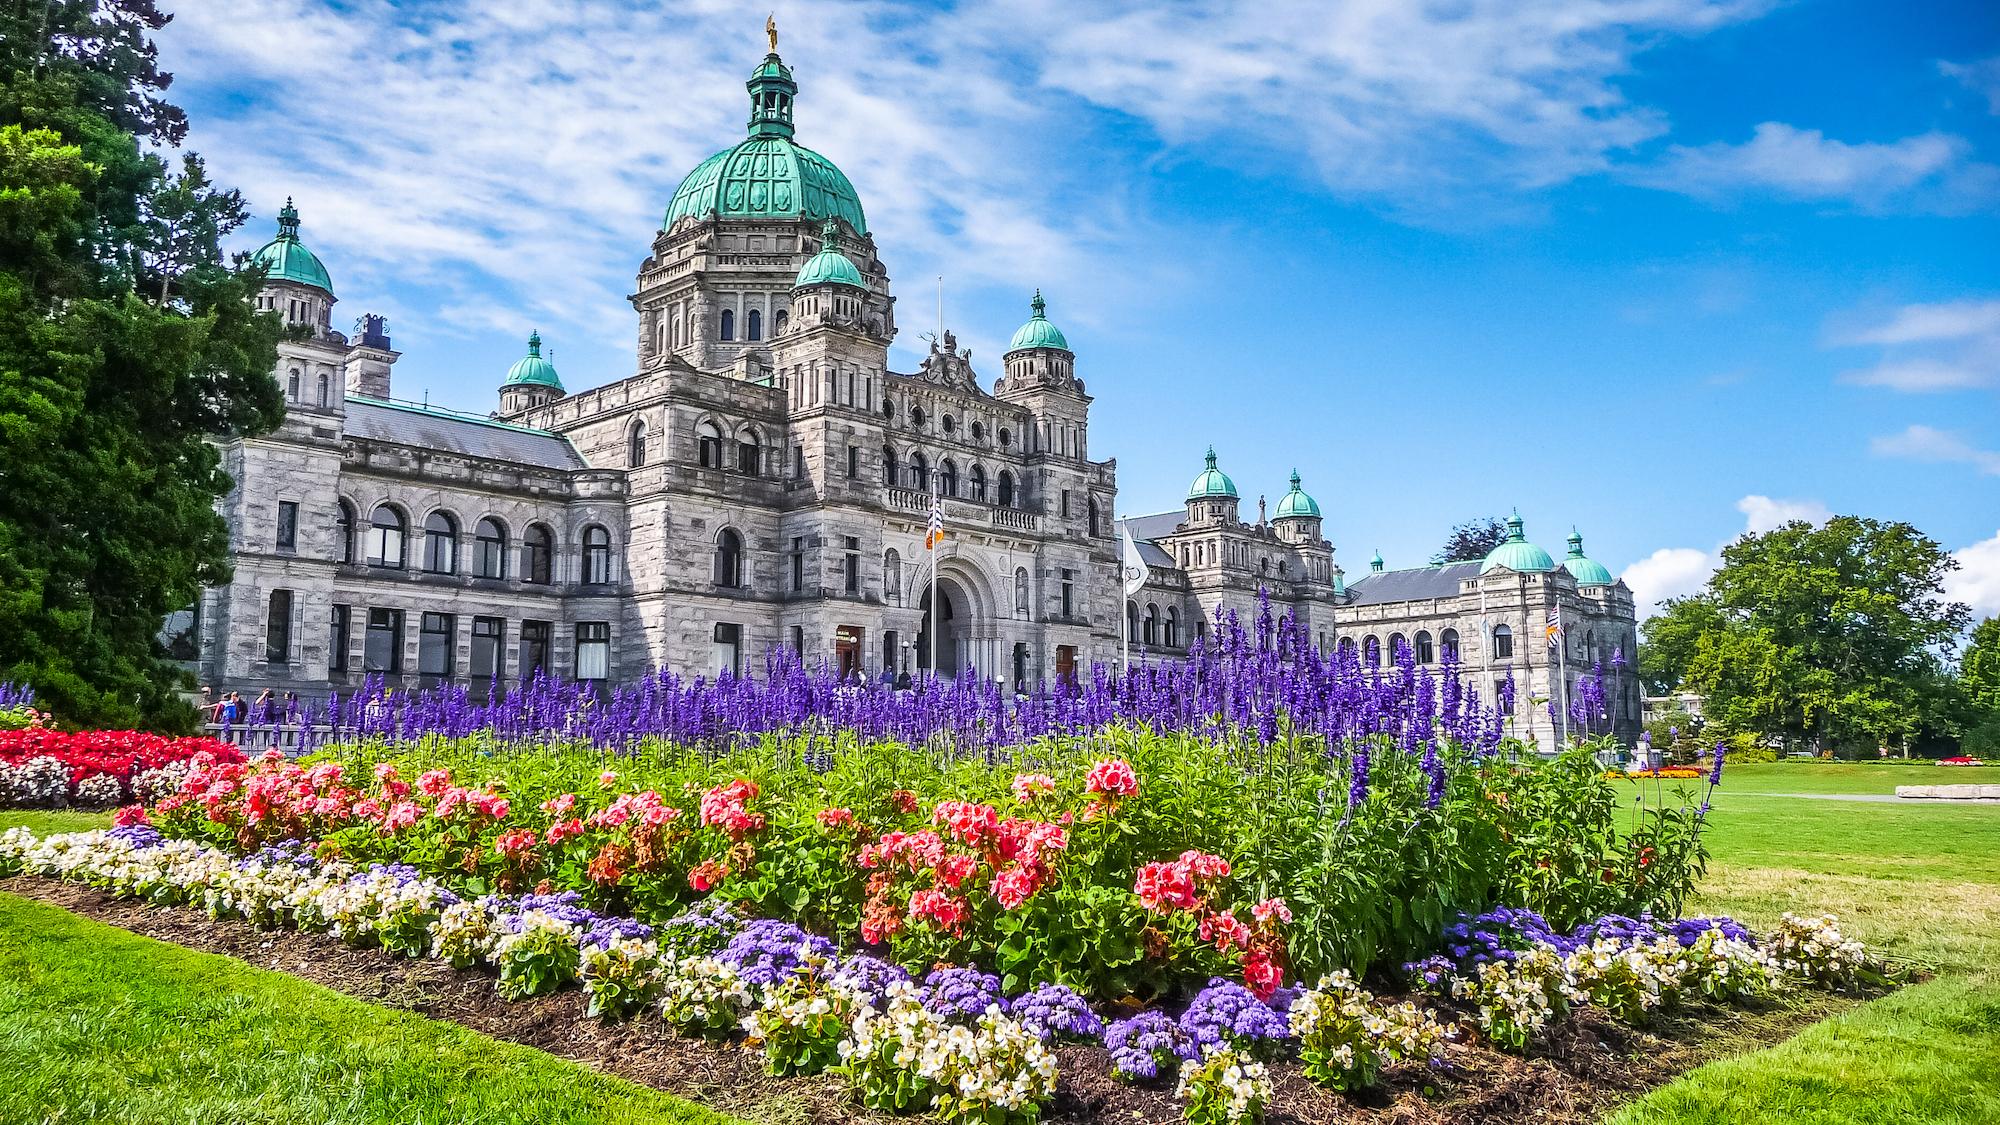 Victoria Parliment Building